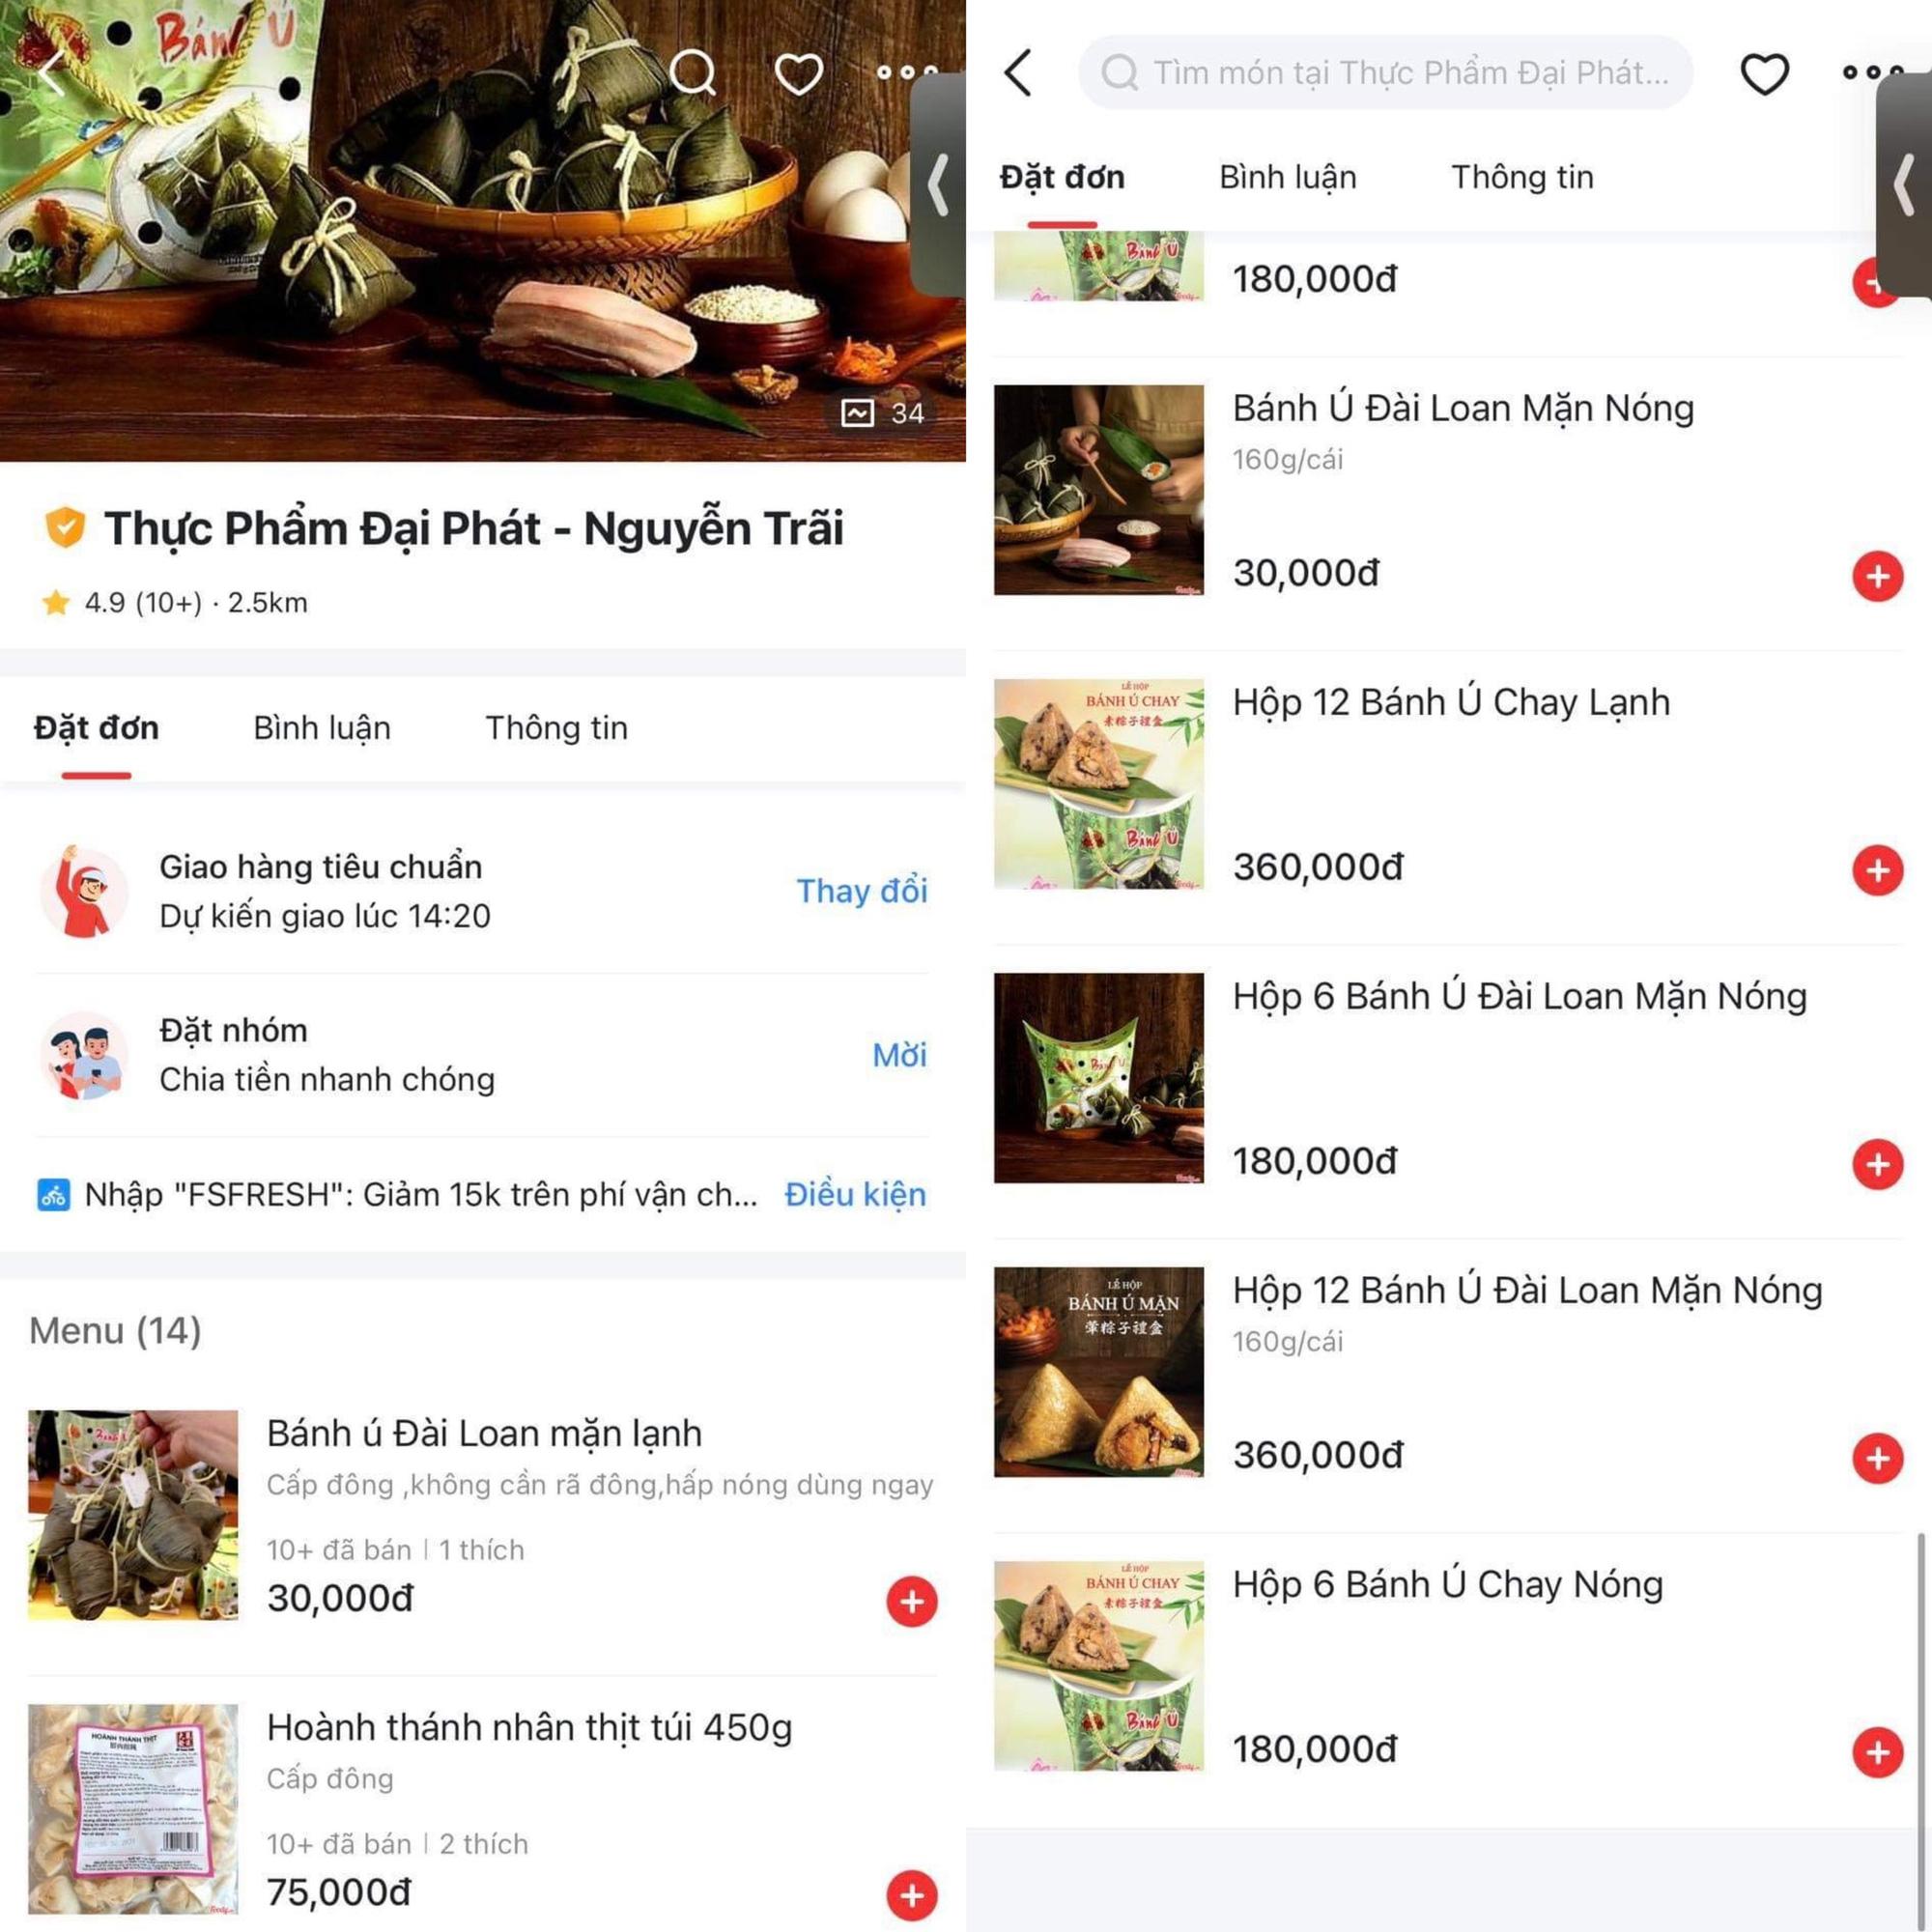 Tết Đoan Ngọ tại lò bánh Bá Trạng của người Hoa lâu đời nhất Sài Gòn, một cặp bánh có giá lên tới 1 triệu đồng mà cả năm chỉ được ăn duy nhất 1 lần! - Ảnh 14.